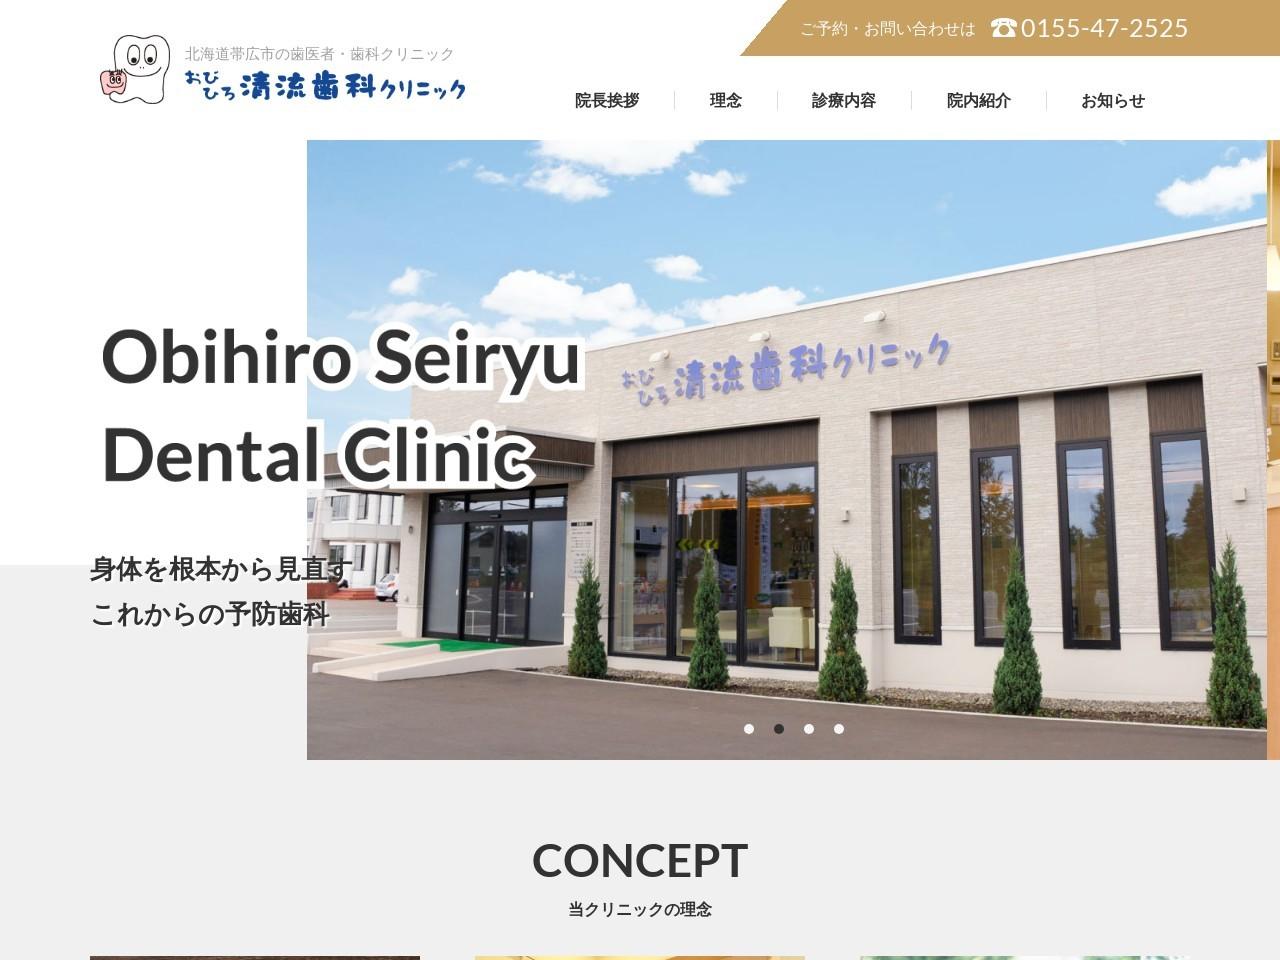 おびひろ清流歯科クリニック (北海道帯広市)